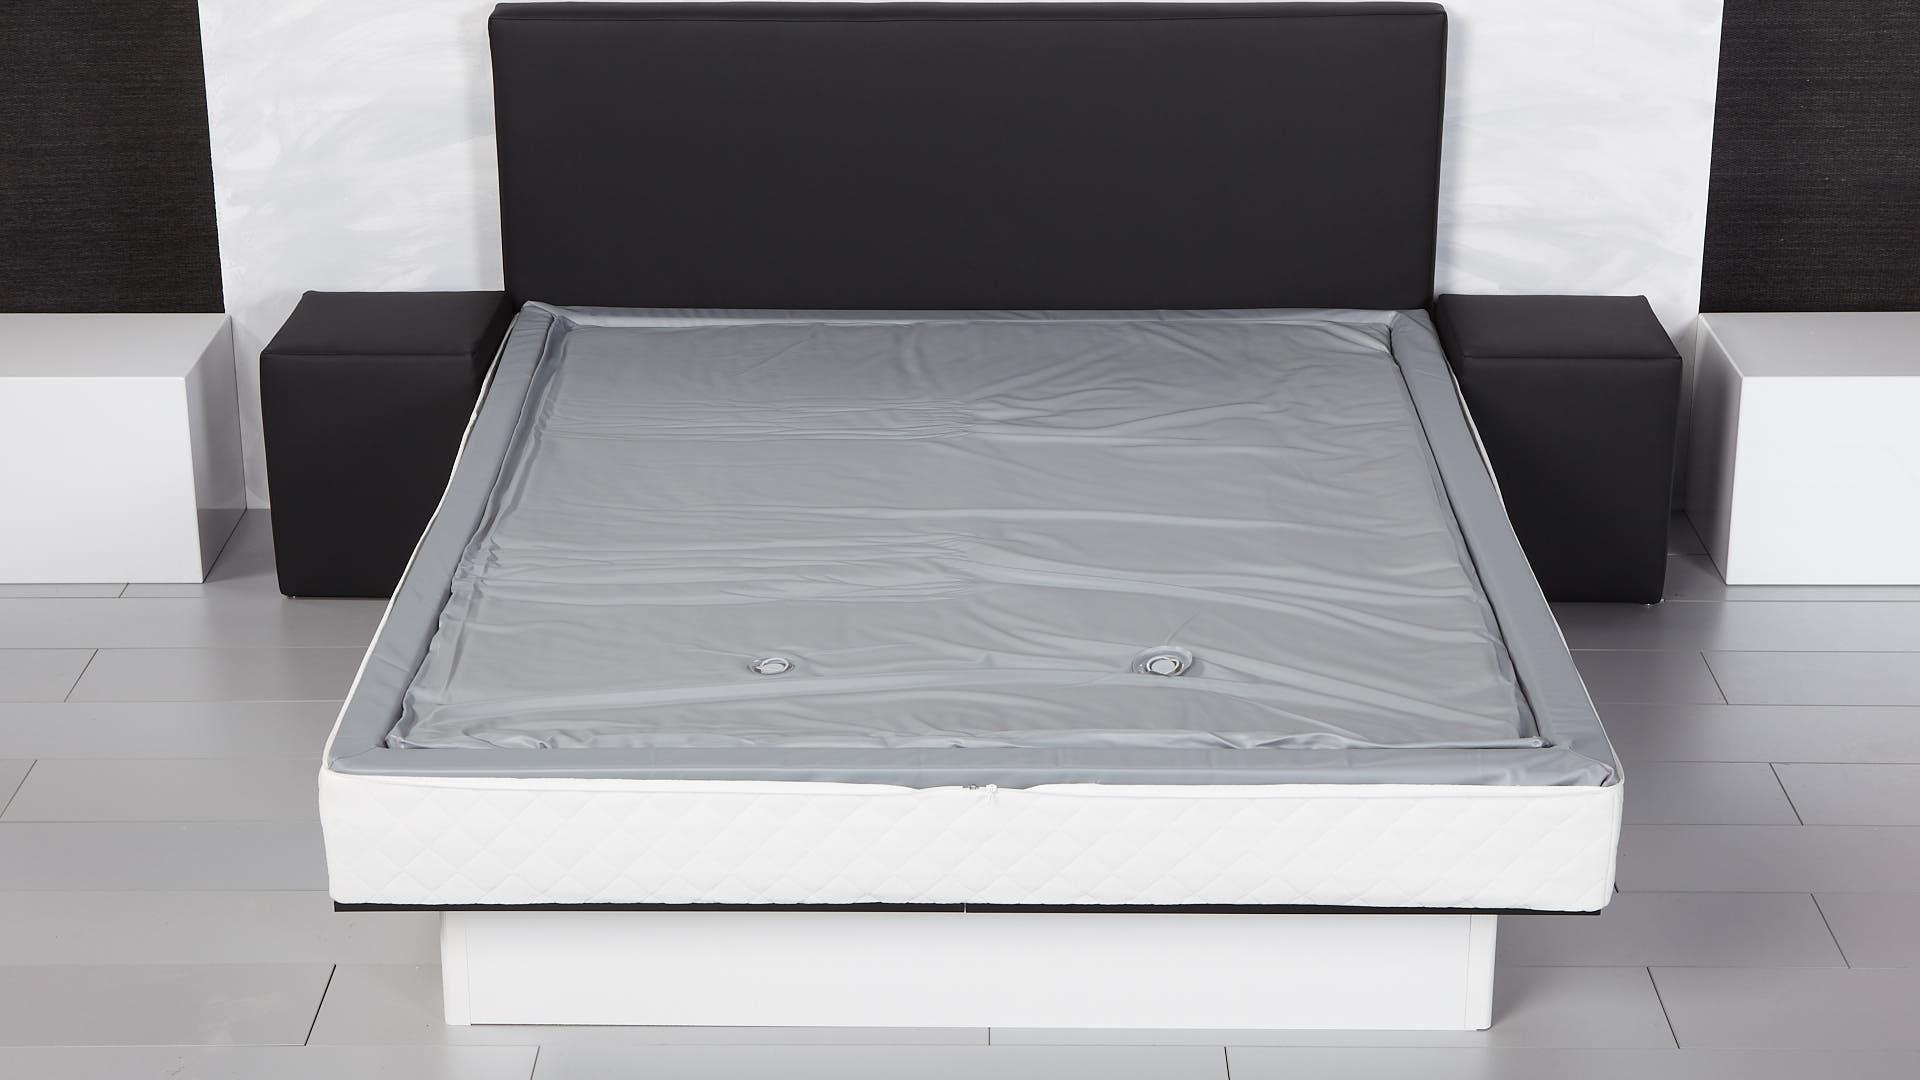 watermatras geplaatst zonder boventijk